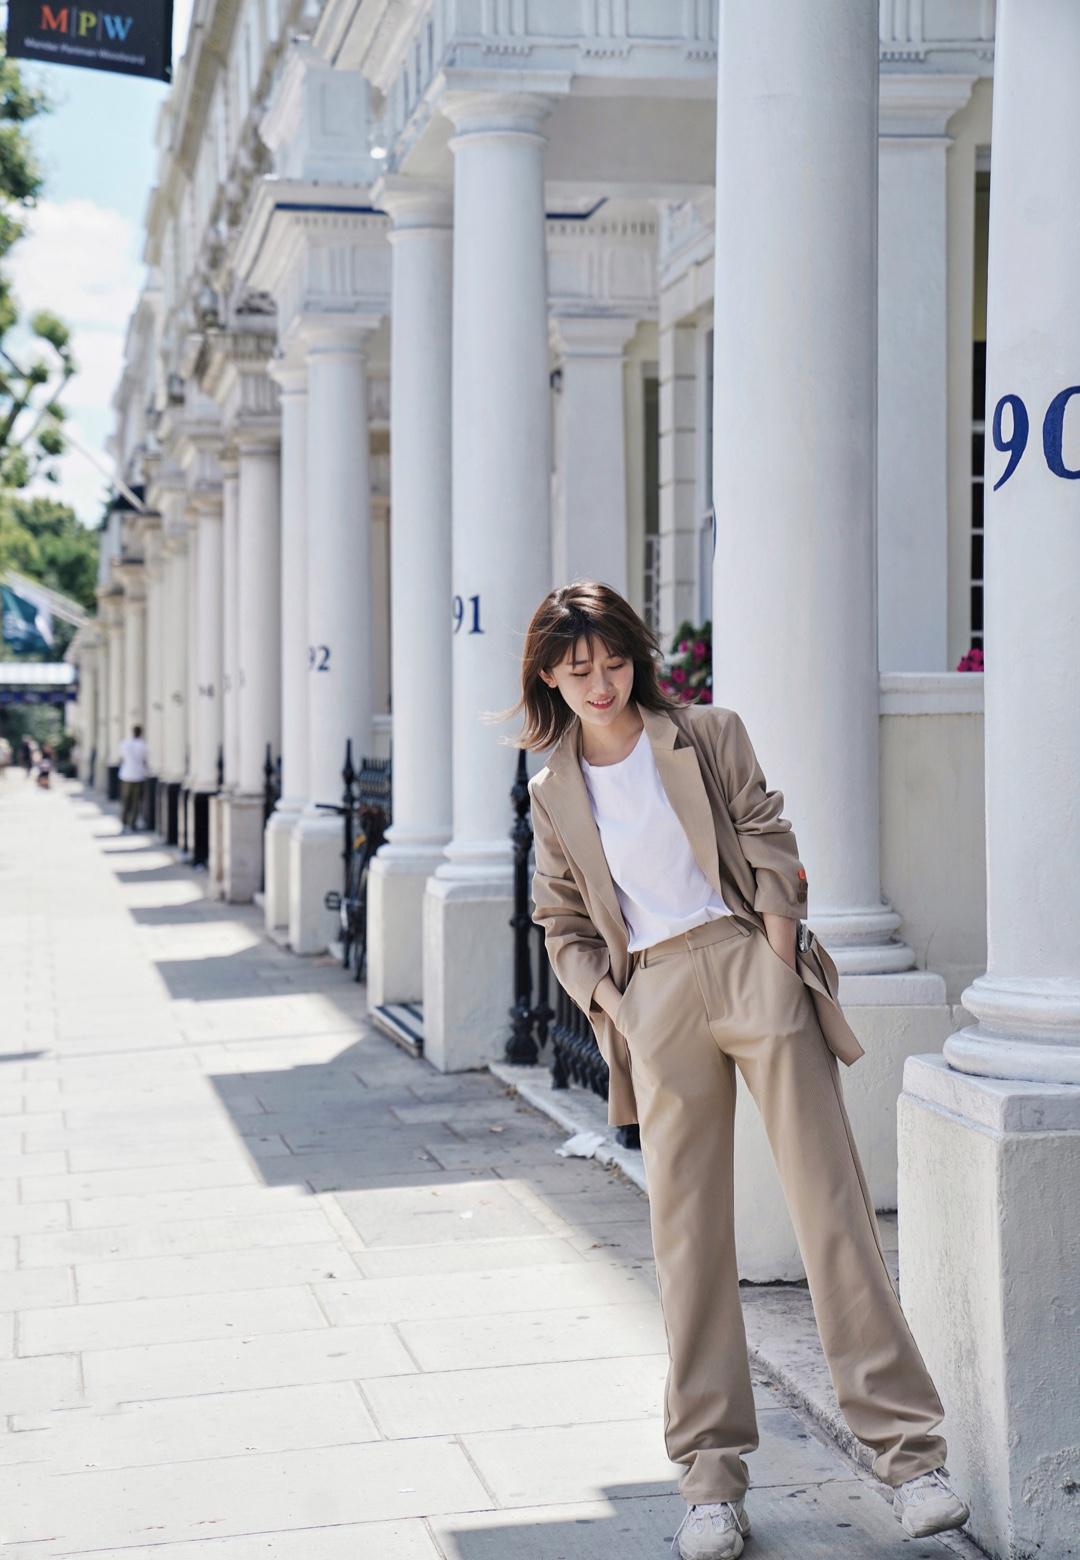 #8月你好,进阶防晒已备好# 【穿搭】奶茶色西装Look 漫步伦敦街头的一天 这套其实是去伦敦的时候刚下飞机拍的,因为到的太早酒店入住不了,就在街头游荡随便拍了拍,请忽略这个长途飞行后没洗头也没化妆的我 · 不过这身穿搭真的很喜欢,坐飞机穿保暖又舒服,飞机上空调很足,我超怕冷所以一般都会穿长袖或者带外套。休闲的薄西装就刚刚好,配一条同色系的直筒裤,踩一双软软的小椰子,舒适度100分 · 难得遇到伦敦晴天,一起逛个街吧? · 🧥今日穿搭 外套/HOWL 裤子/Juslin 鞋/adidas